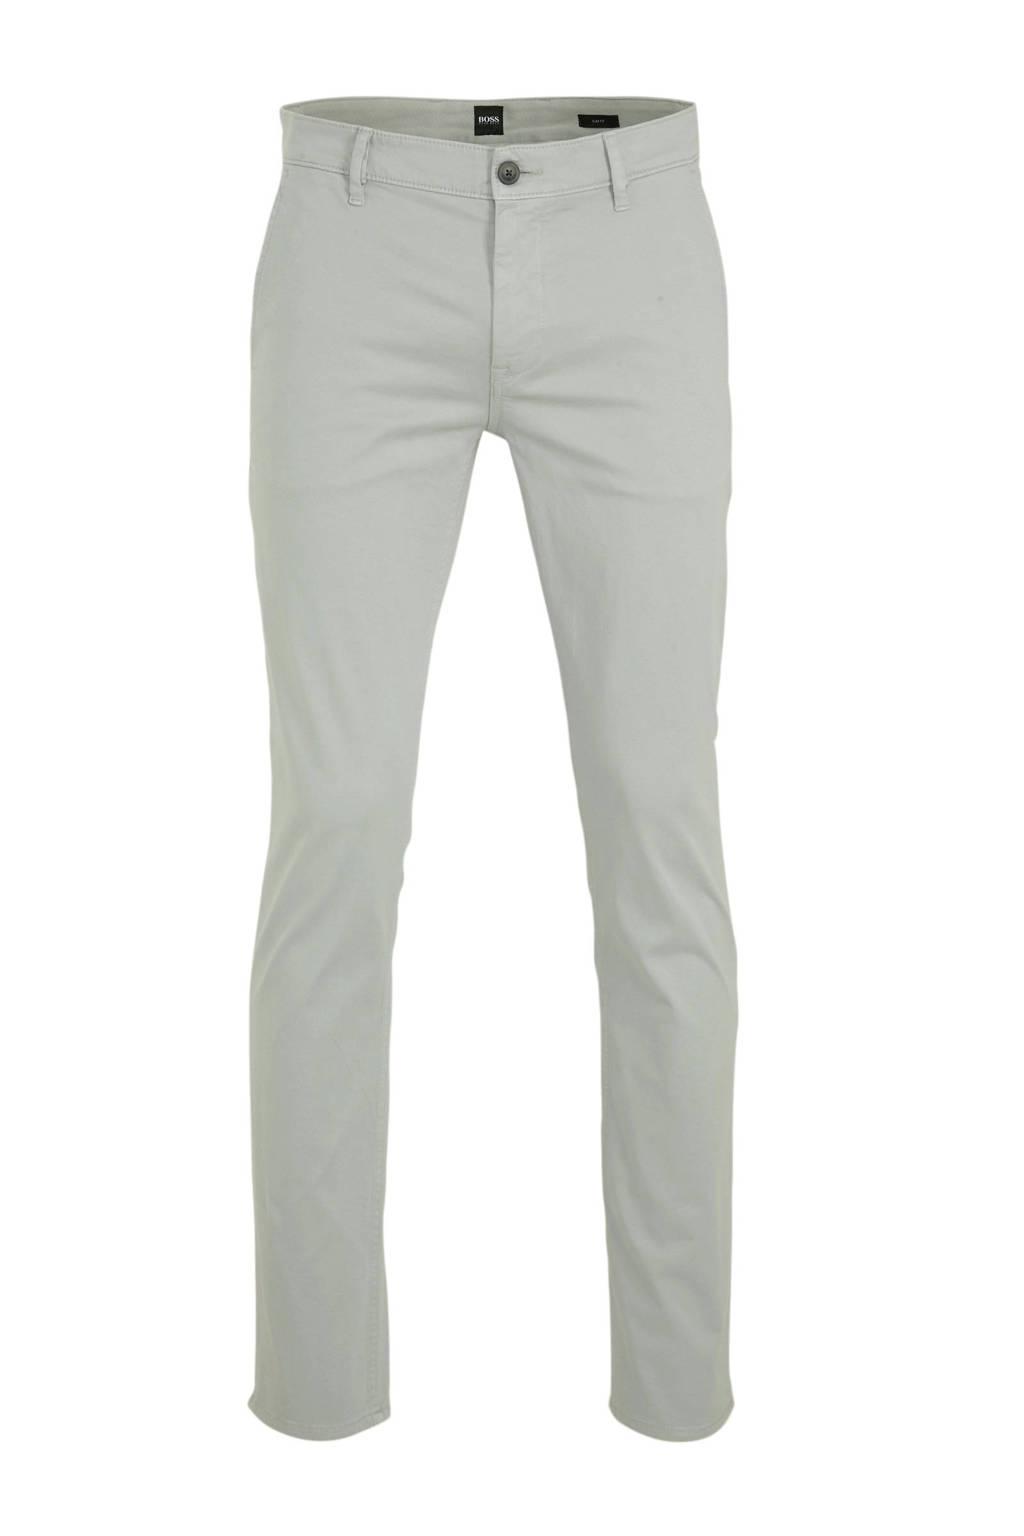 BOSS Casual slim fit pantalon beige, Beige